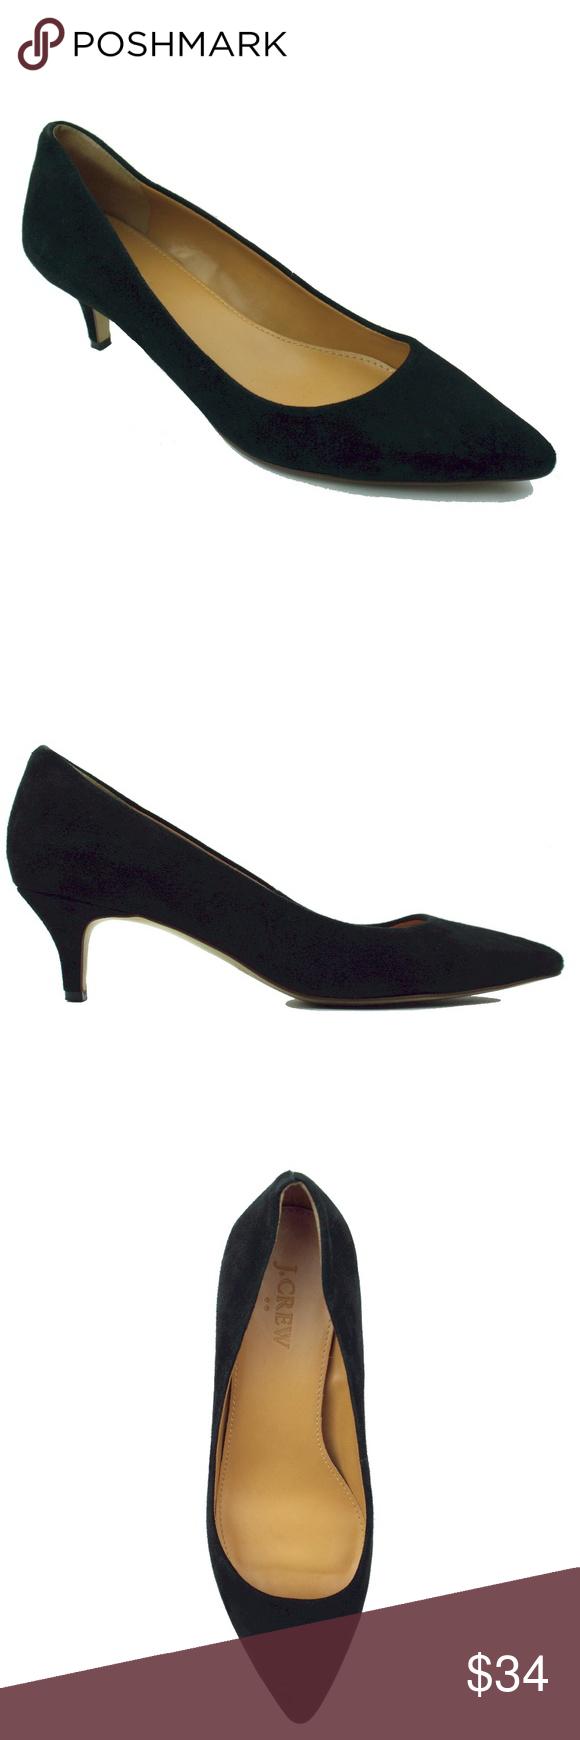 0ad4f977e36 JCREW Black Suede Esme Kitten Heels Shoes Size - 6.5 B These black suede  esme kitten